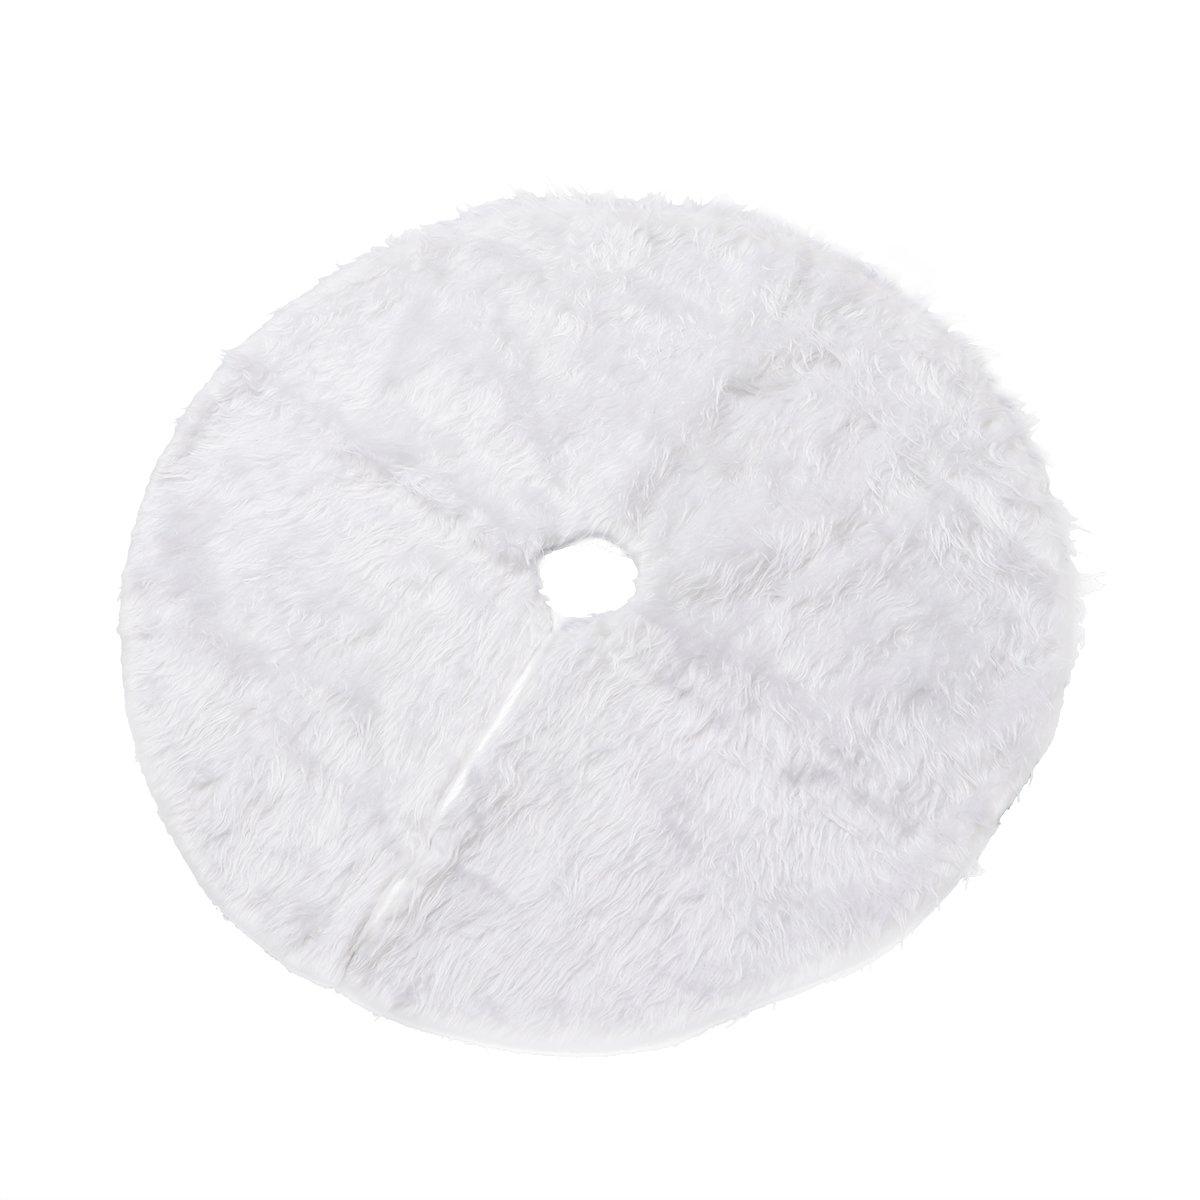 Gonna per albero di natale OULII Tappeto Albero natale per decorazione in bianco con diametro di 78 cm